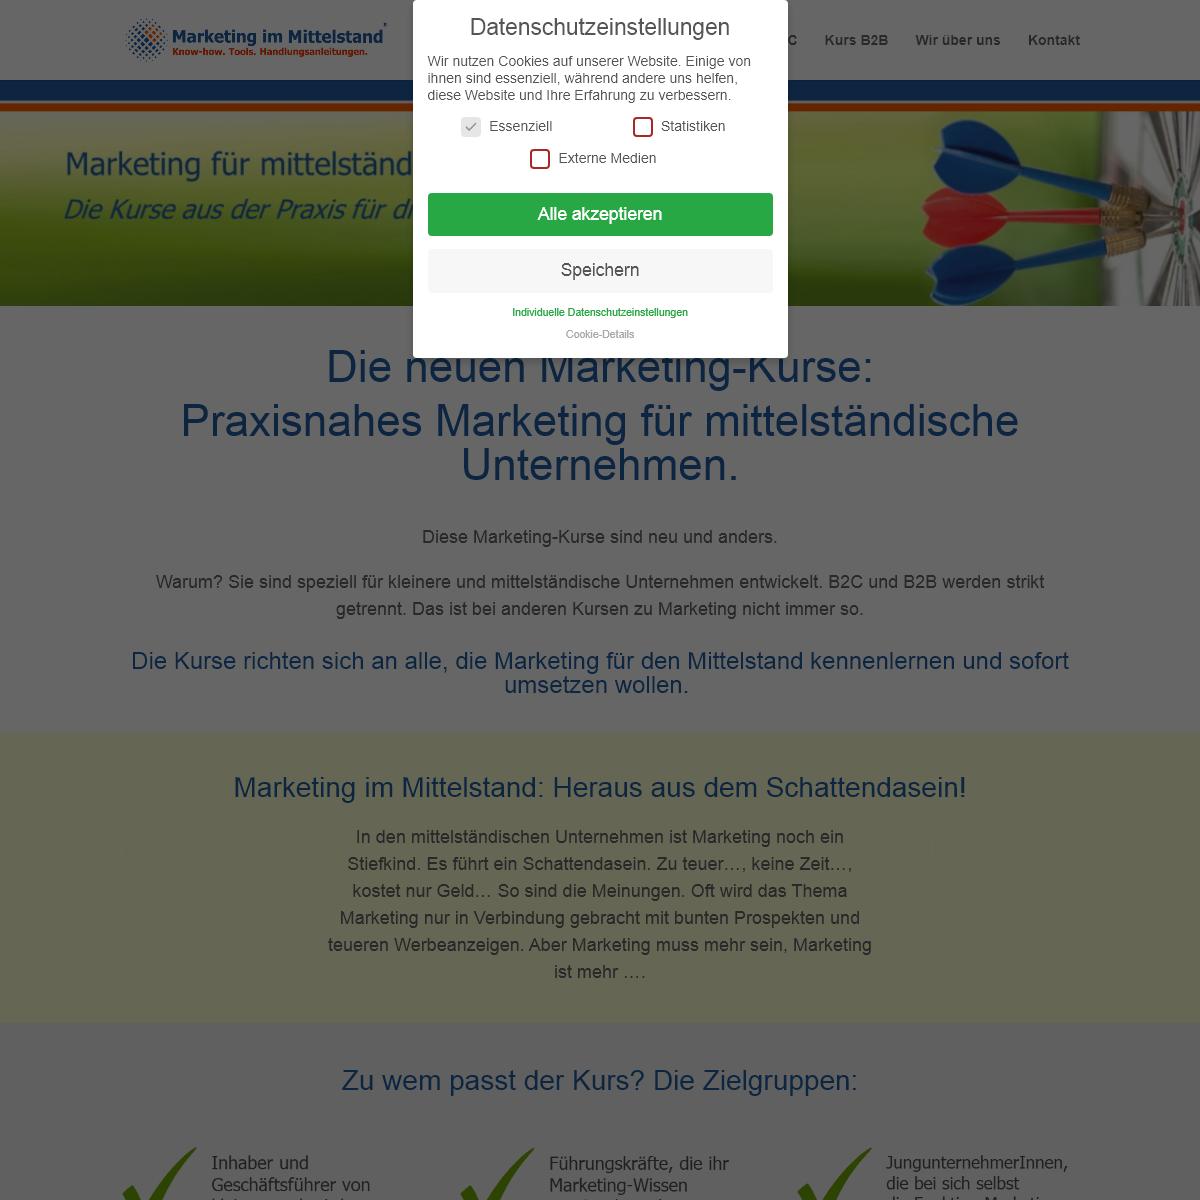 Start - Marketing im Mittelstand